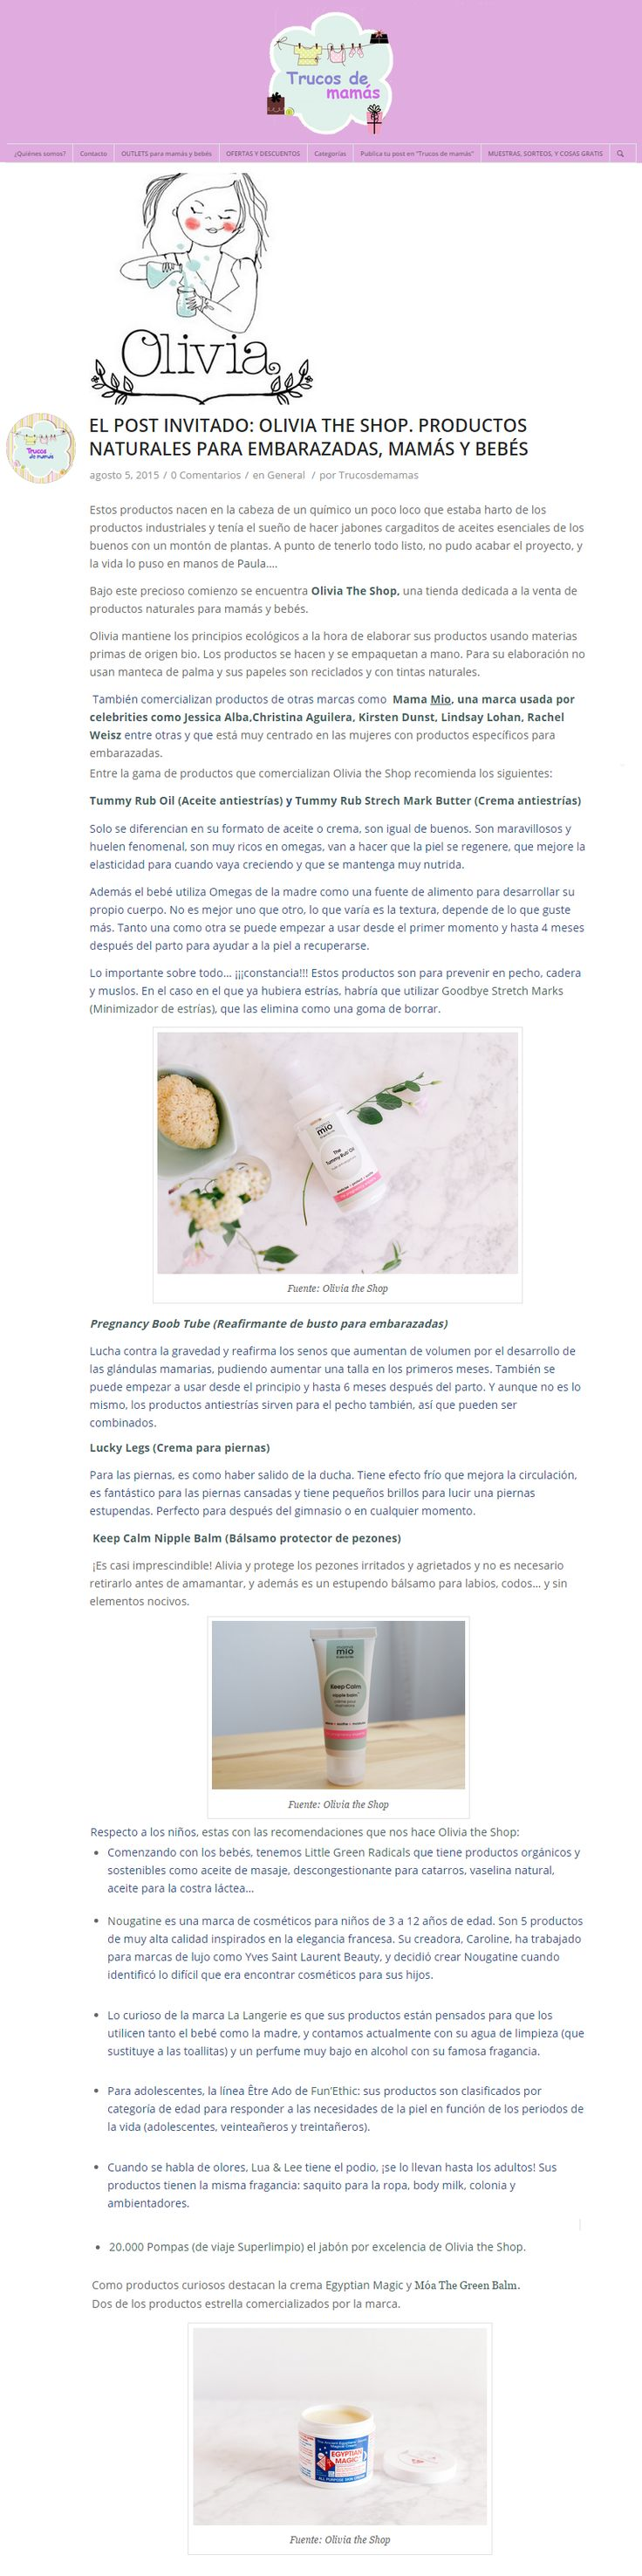 """Blog Trucos de Mamás, 5 de agosto de 2015. """"""""El post invitado: Olivia The Shop. Productos naturales para embarazadas, mamás y bebés"""". http://trucosdemamas.com/olivia-the-team-productos-naturales-ecologicos/"""